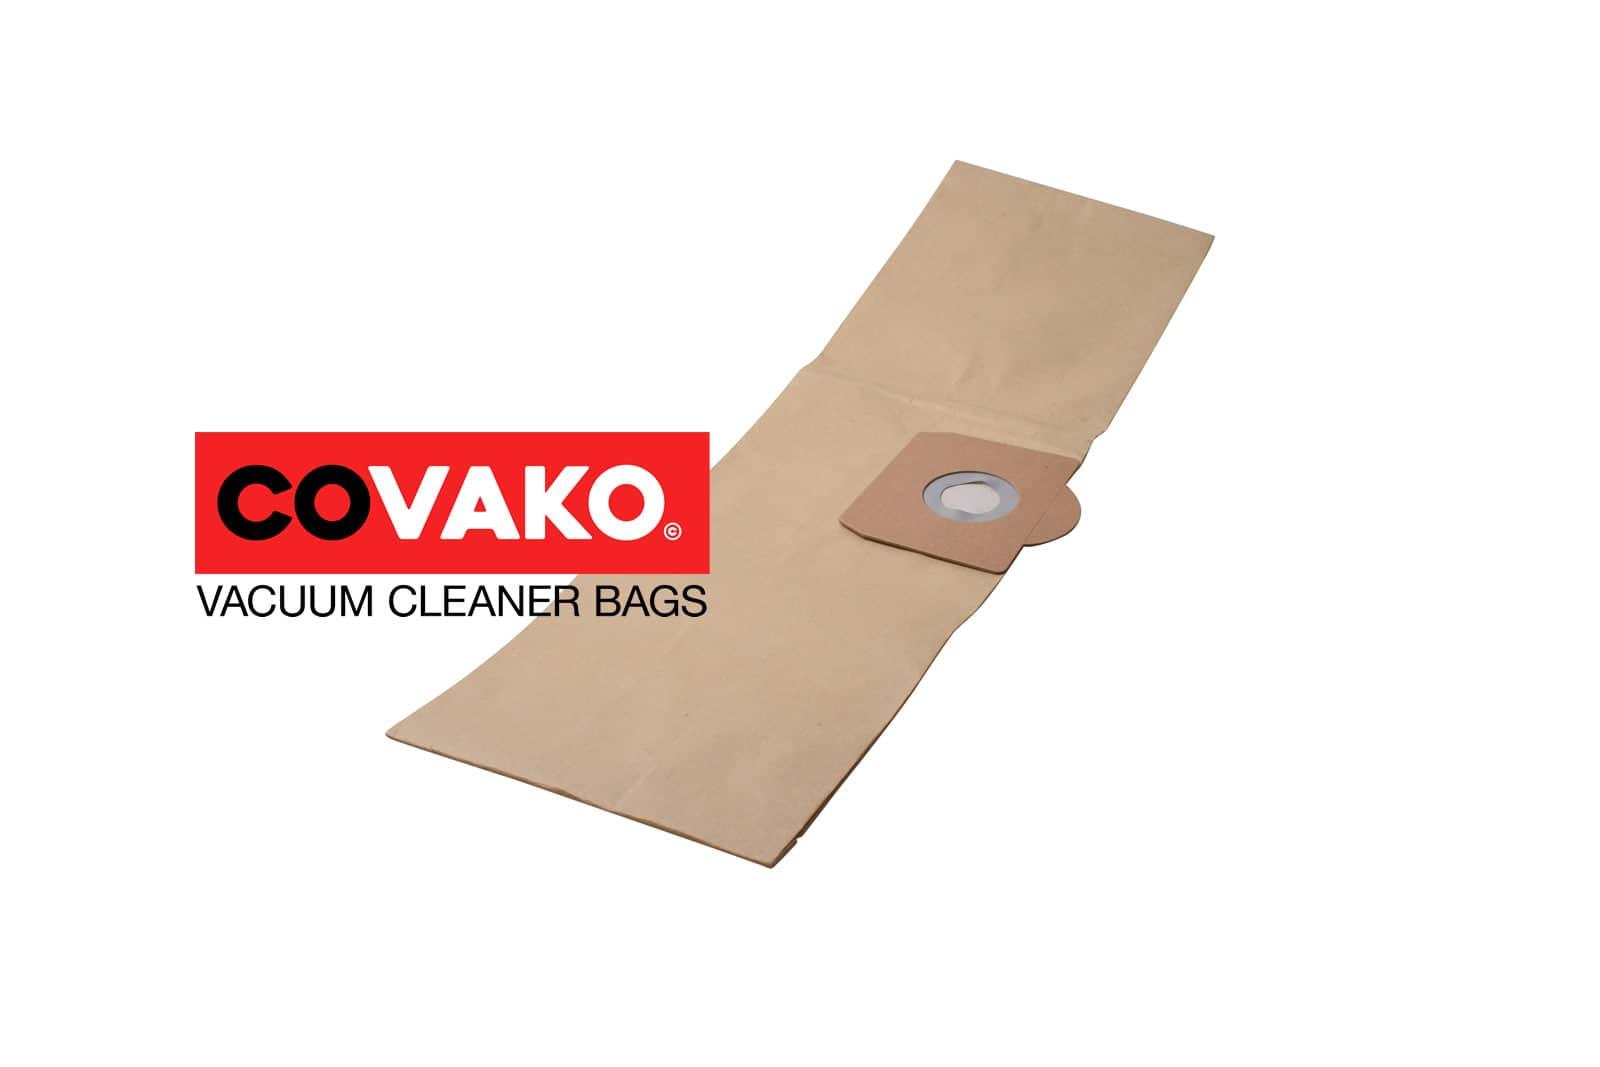 Elsea quiet junior / Papier - Elsea sacs d'aspirateur